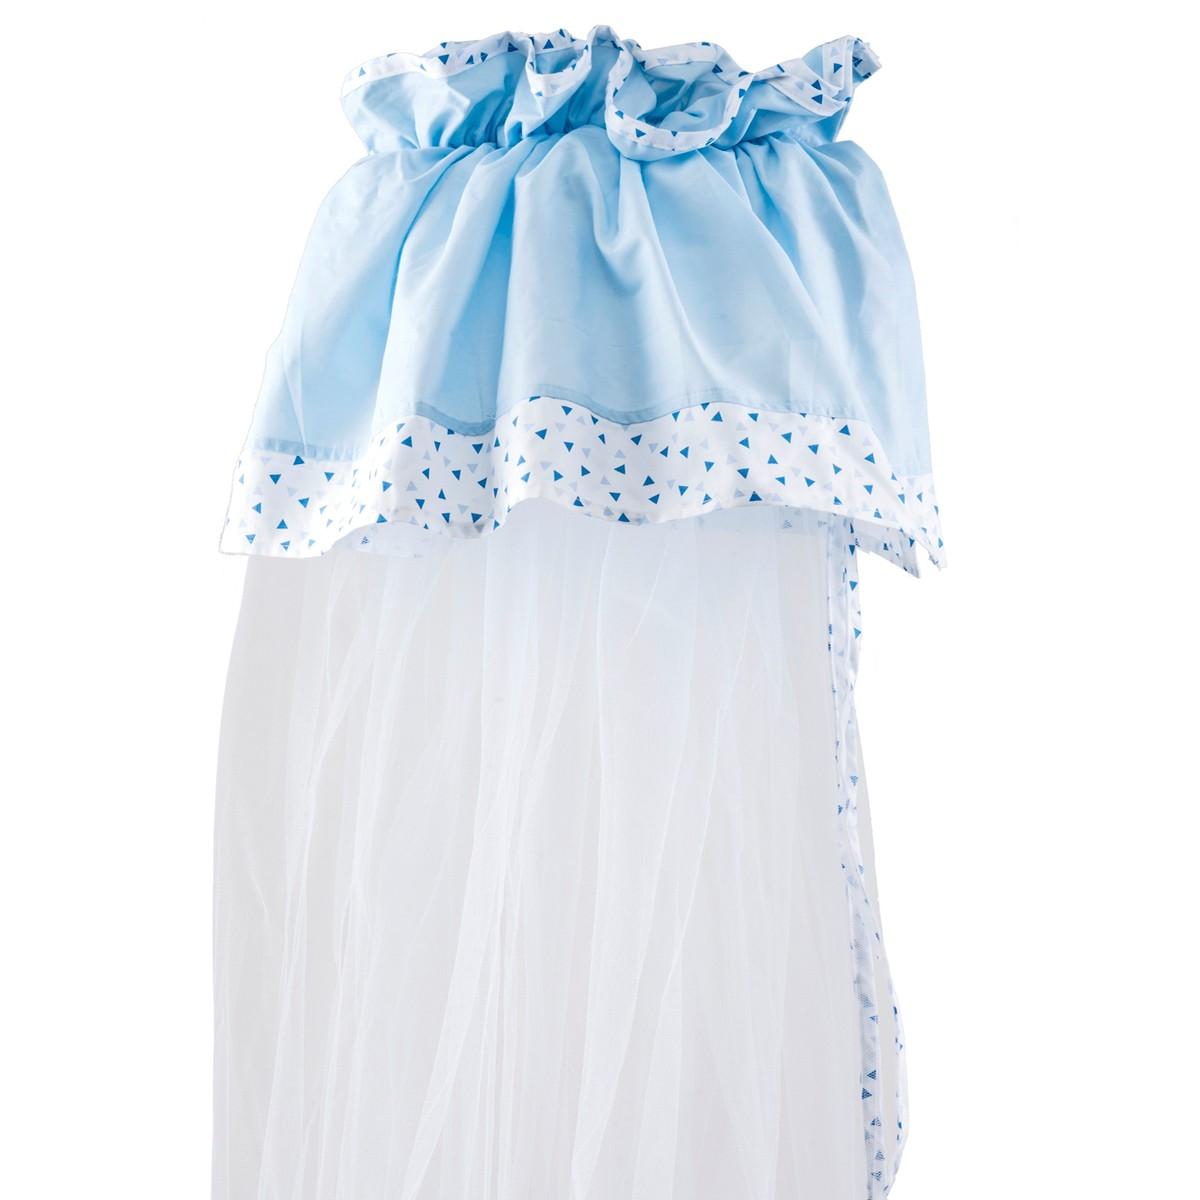 Κουνουπιέρα Κούνιας Κόσμος Του Μωρού 7920 Home Σιέλ